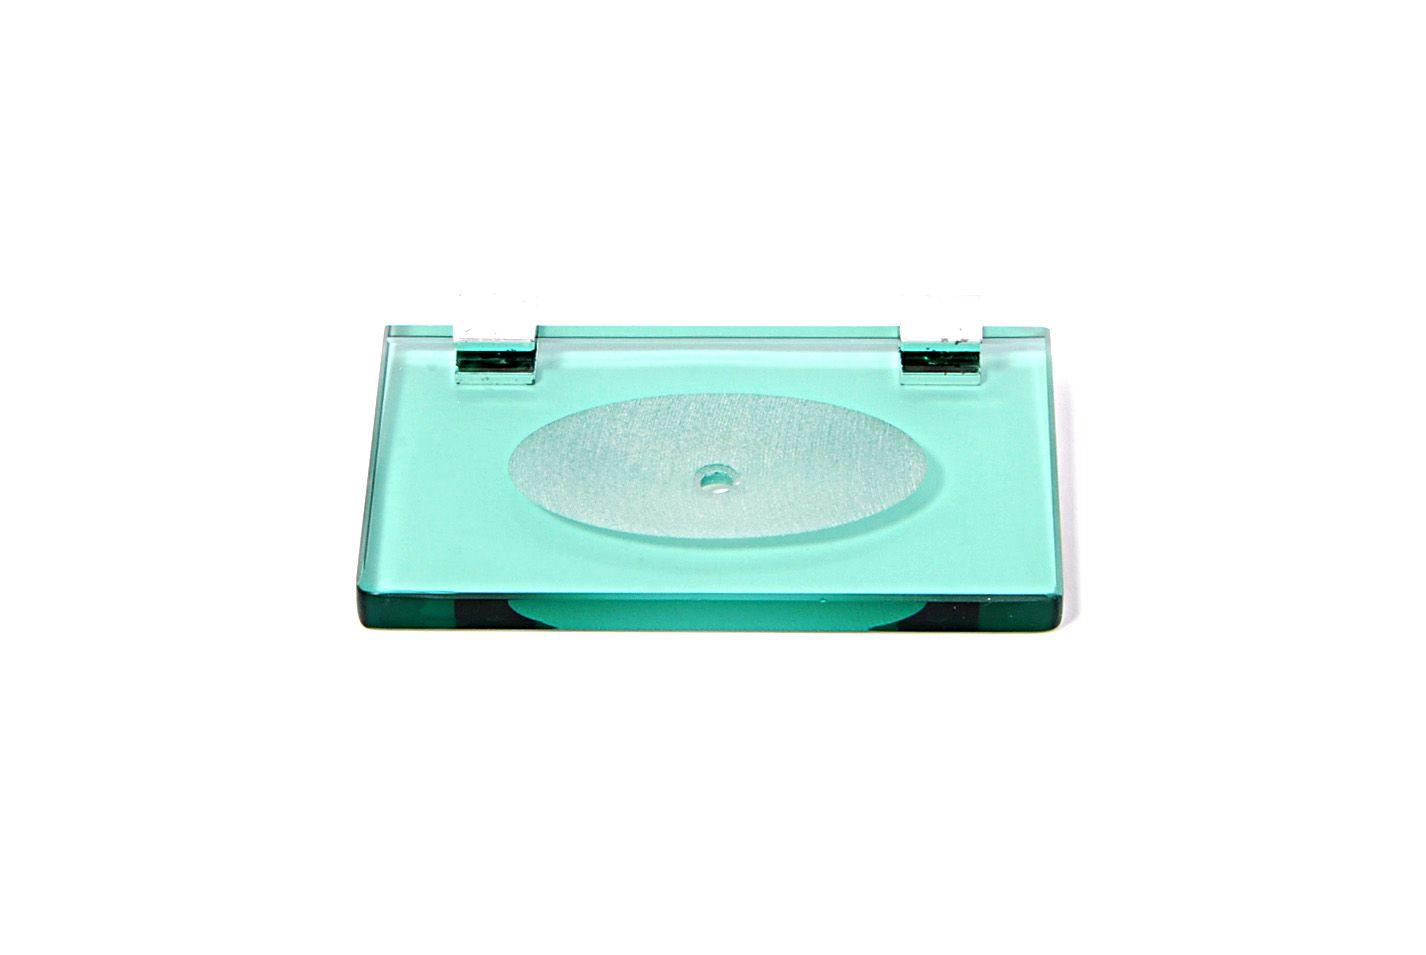 Saboneteira em Vidro Verde Lapidado - Aquabox  - 14cmx9cmx8mm.